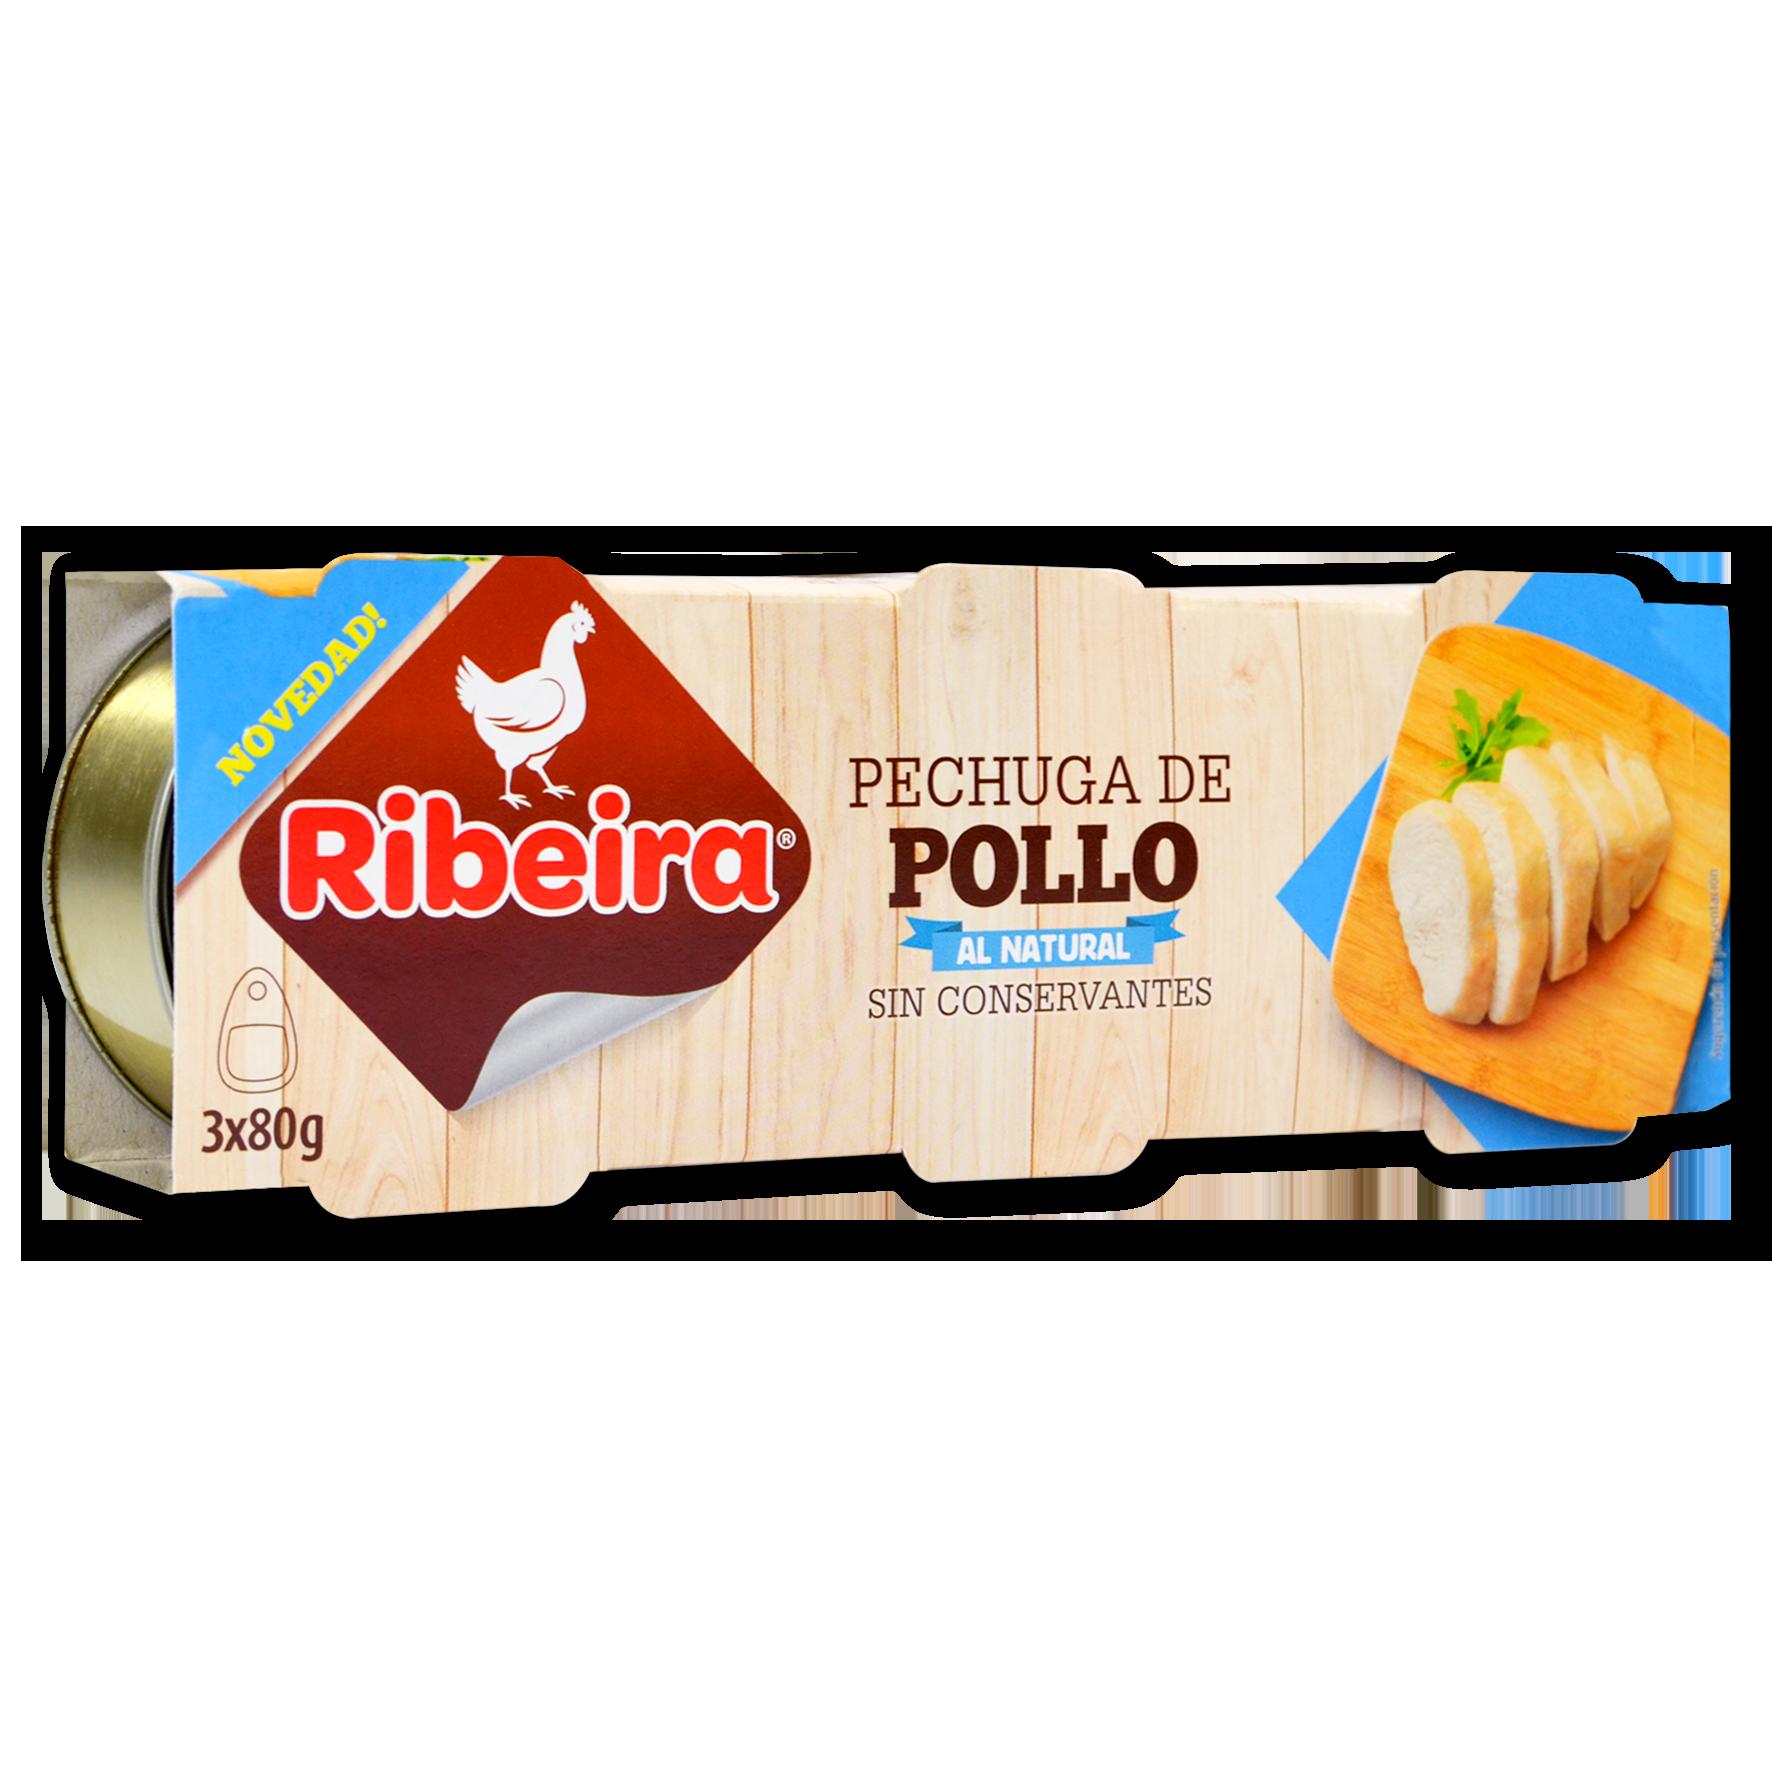 Pechuga de pollo Ribeira lata 3x80g